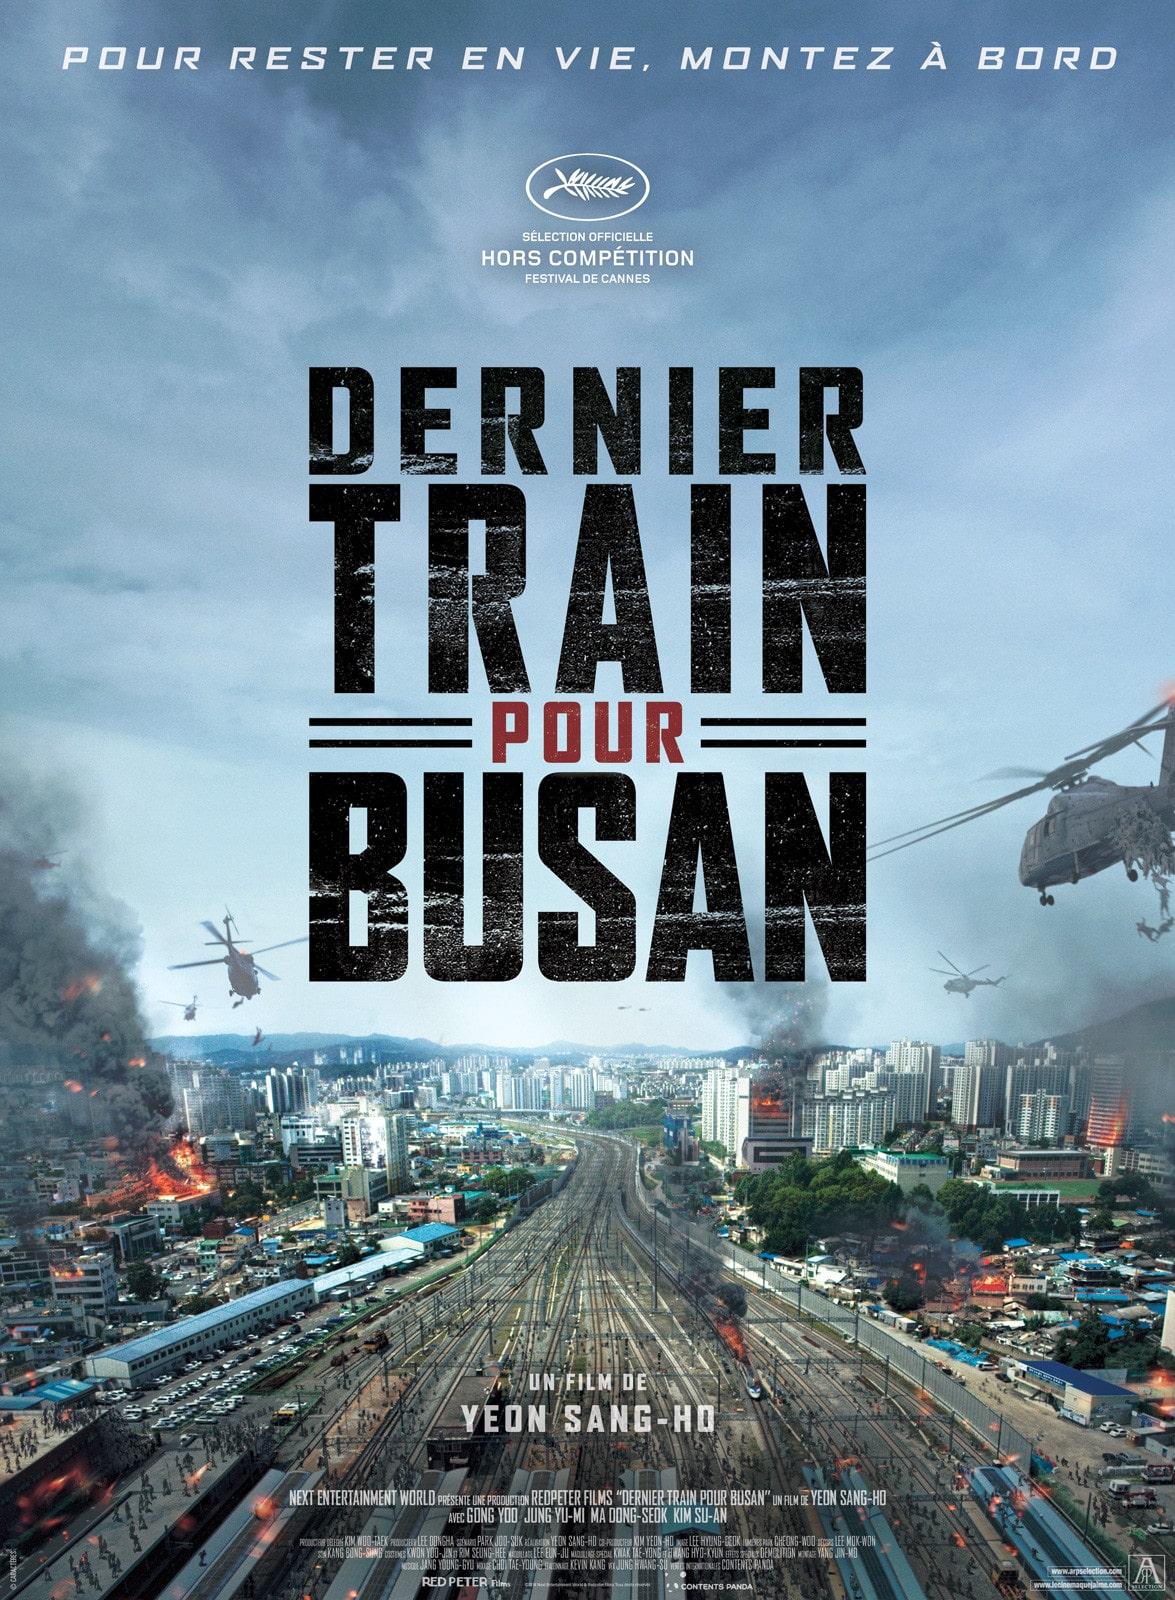 dernier train pour busan peninsula Film long-métrage zombie netflix